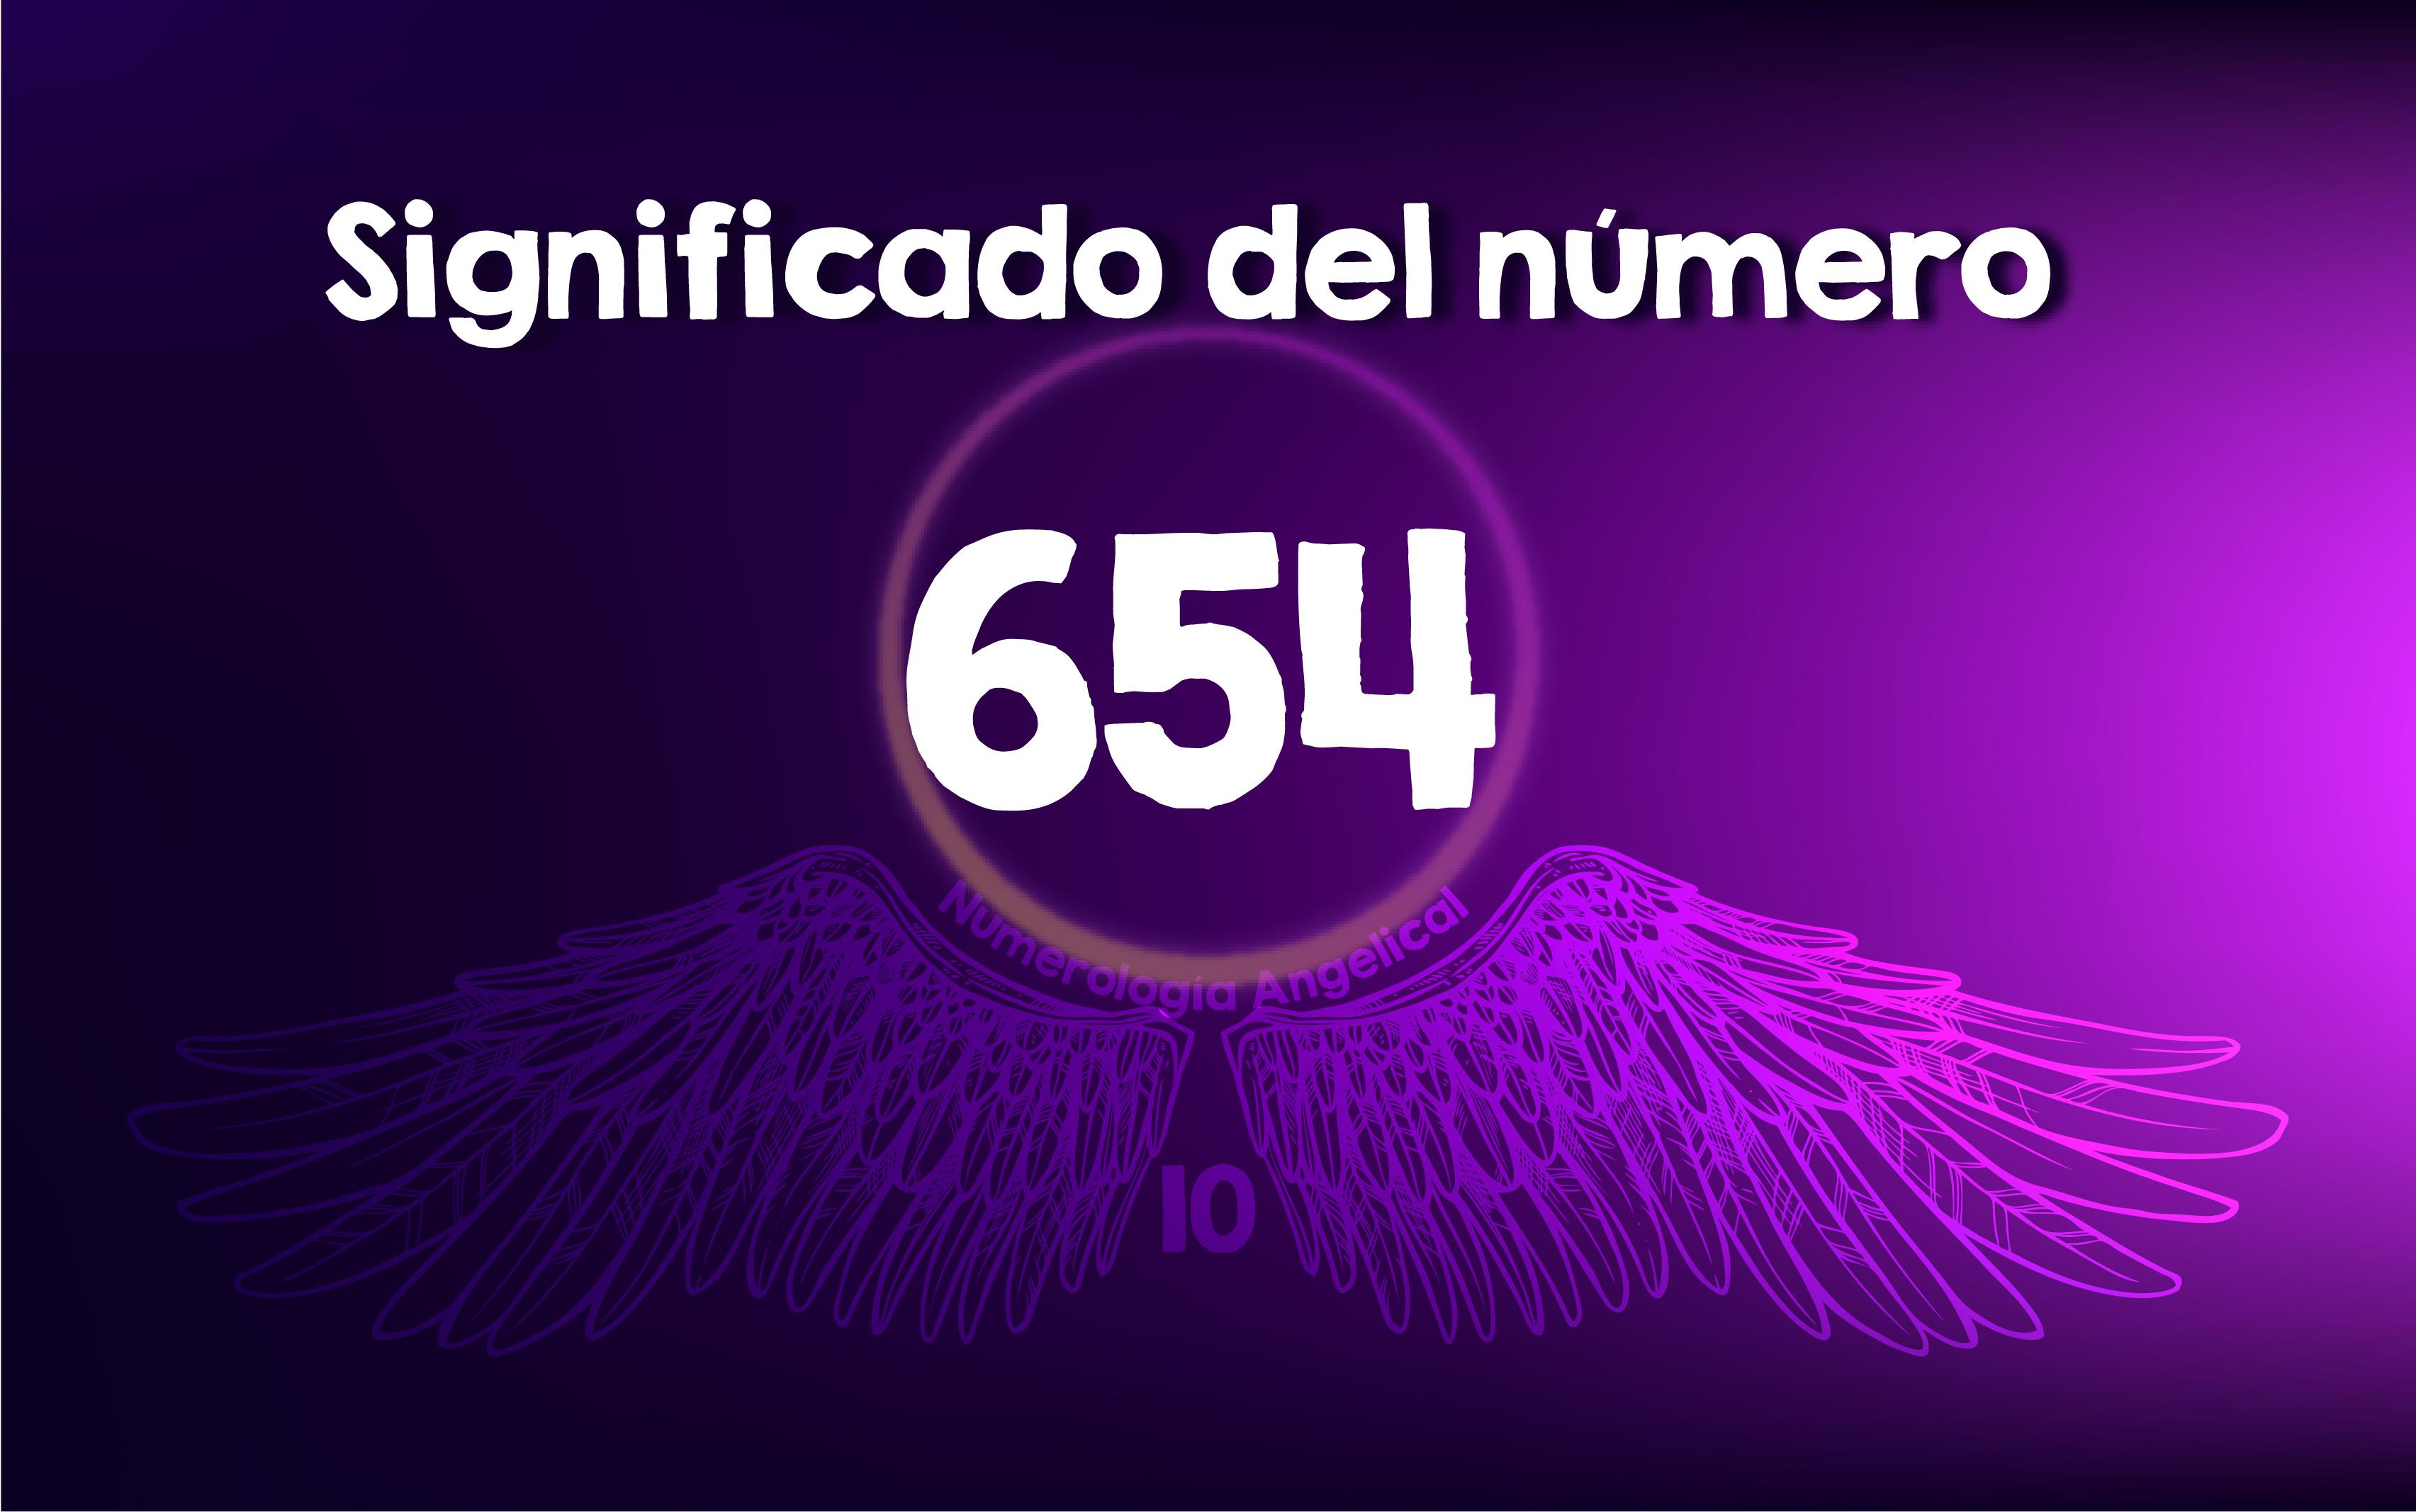 Significado del número 654